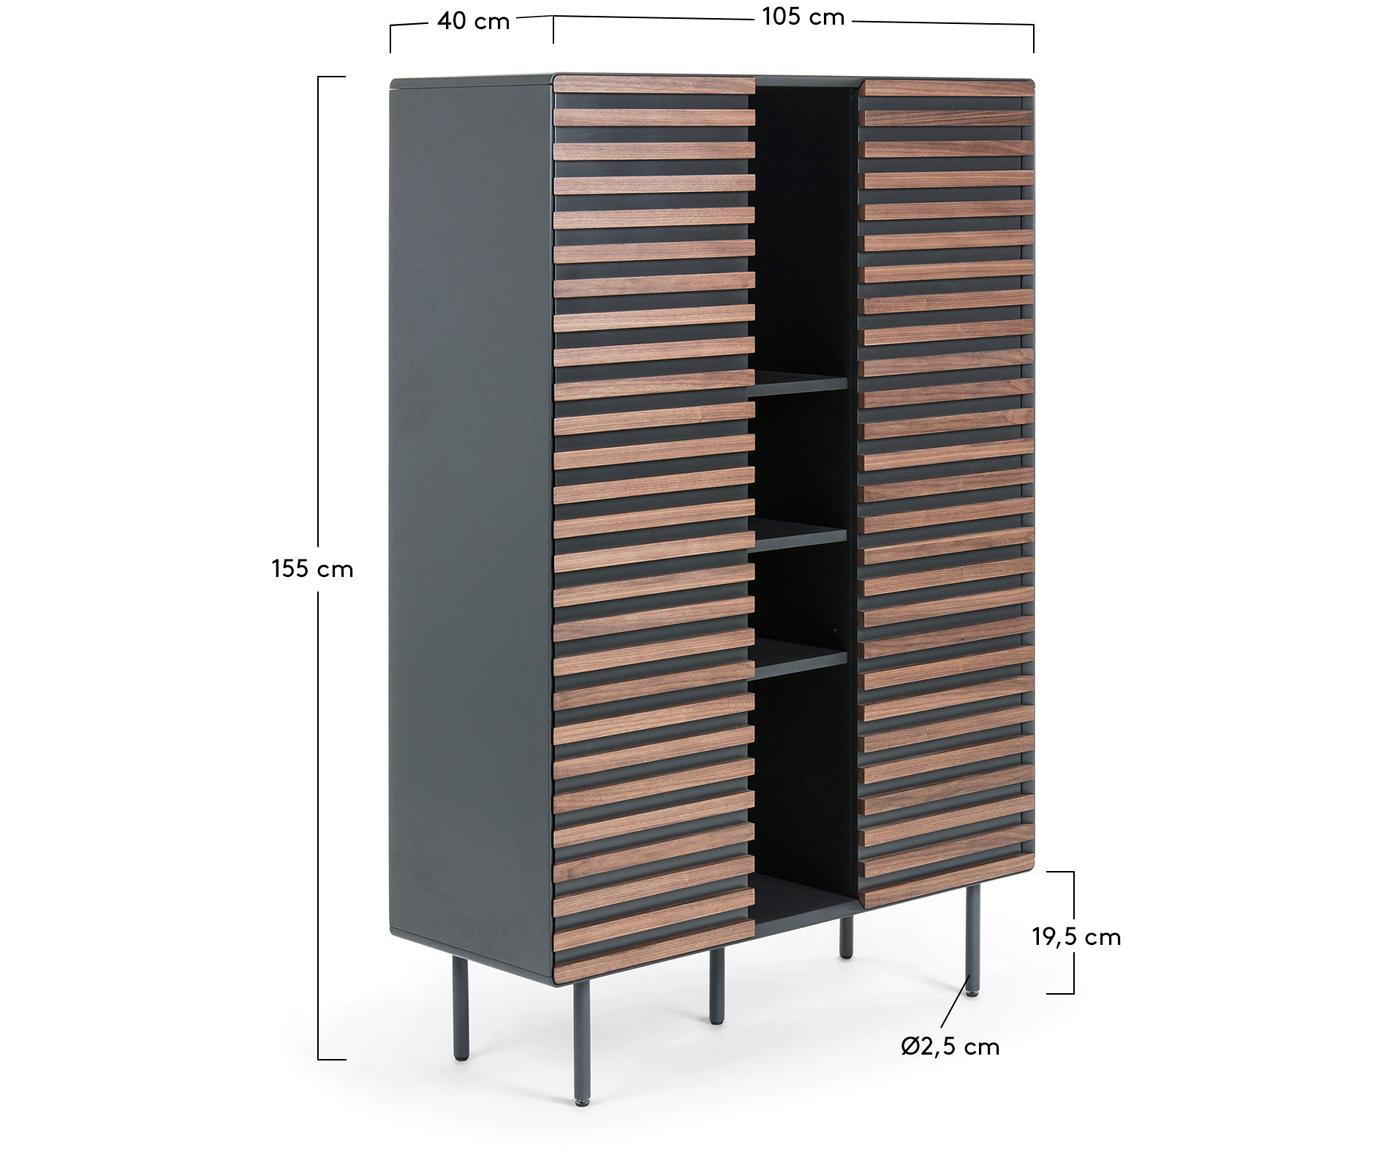 Highboard Kesia mit Walnussfurnier, Korpus: Mitteldichte Holzfaserpla, Front: Walnussfurnier, Füße: Metall, lackiert, Schwarz, Walnussholz, 105 x 155 cm